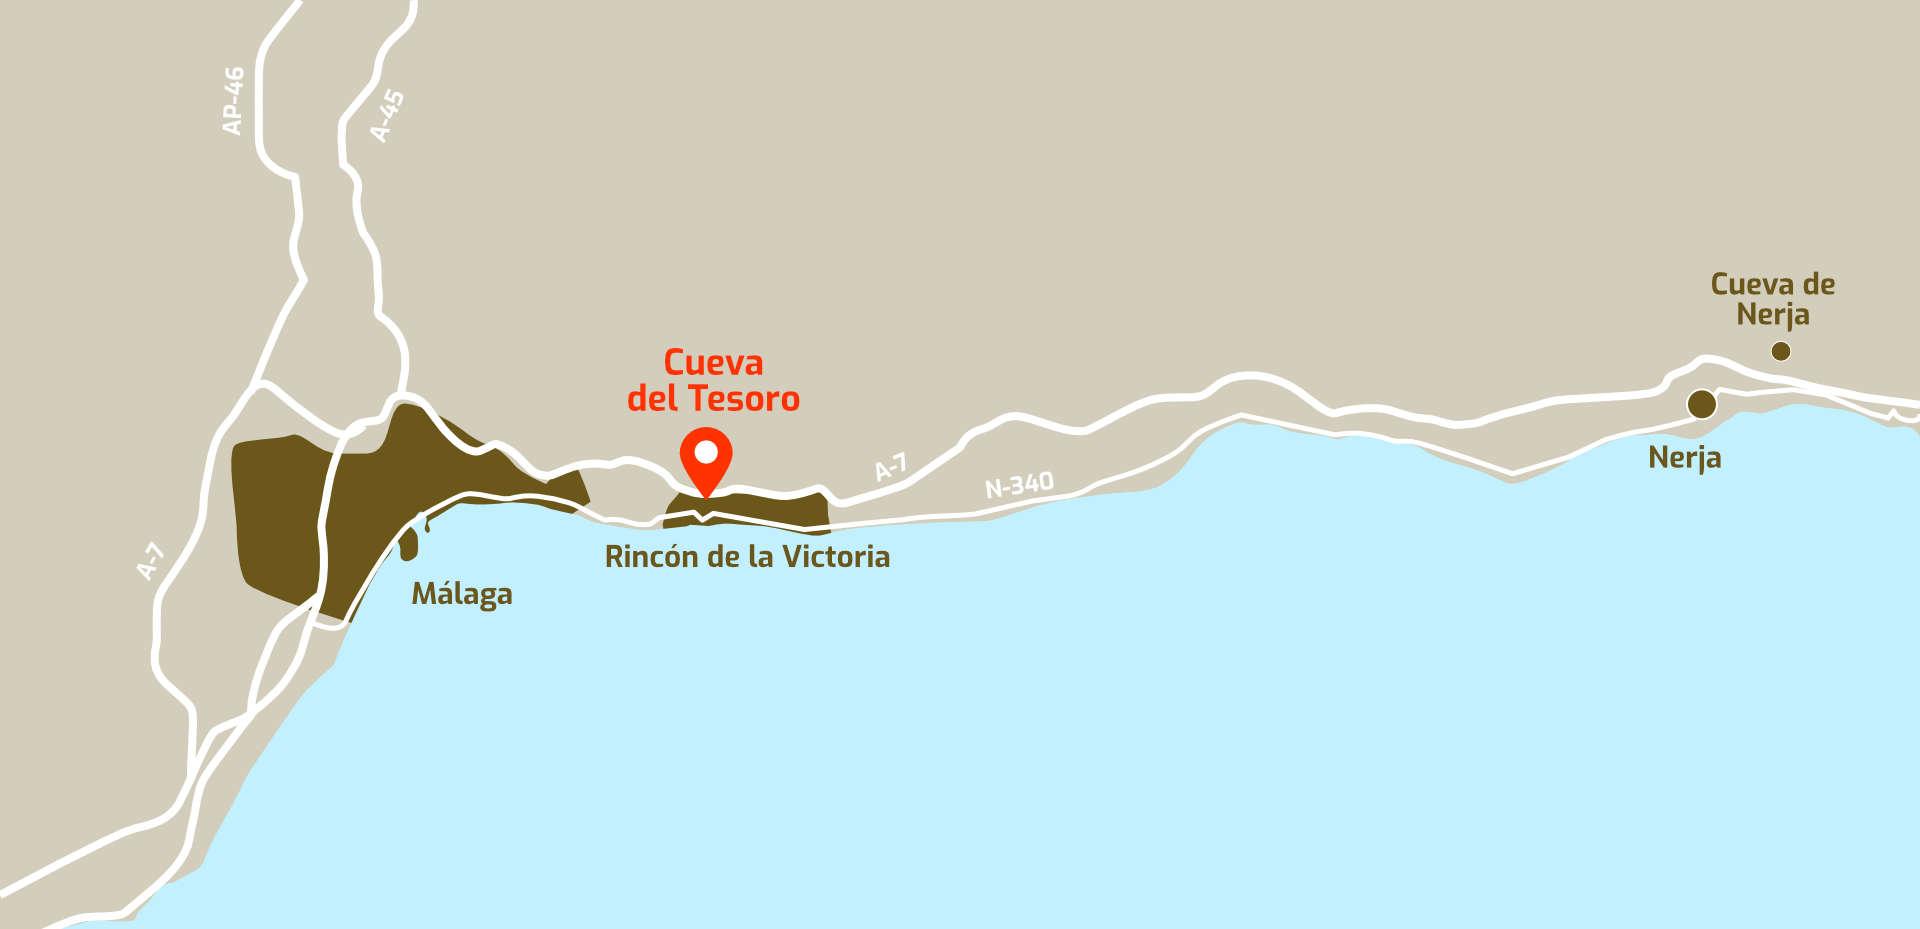 Mapa de cómo llegar a la Cueva del Tesoro, en Rincón de la Victoria, Málaga, Andalucía.